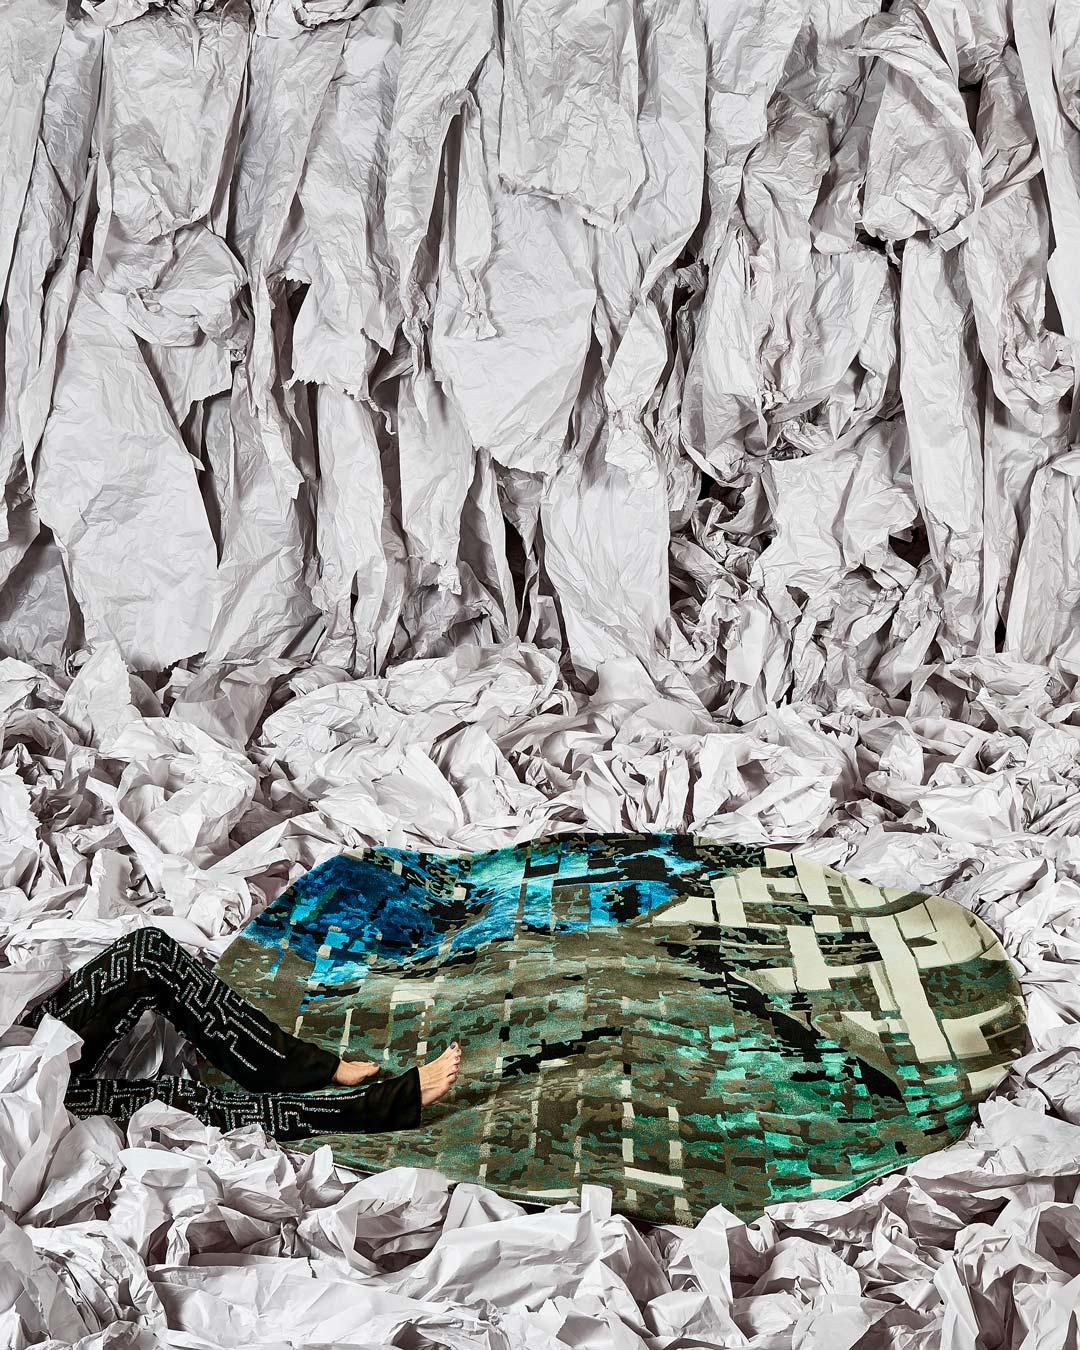 location shot of farfalla rug by emma elizabeth designs